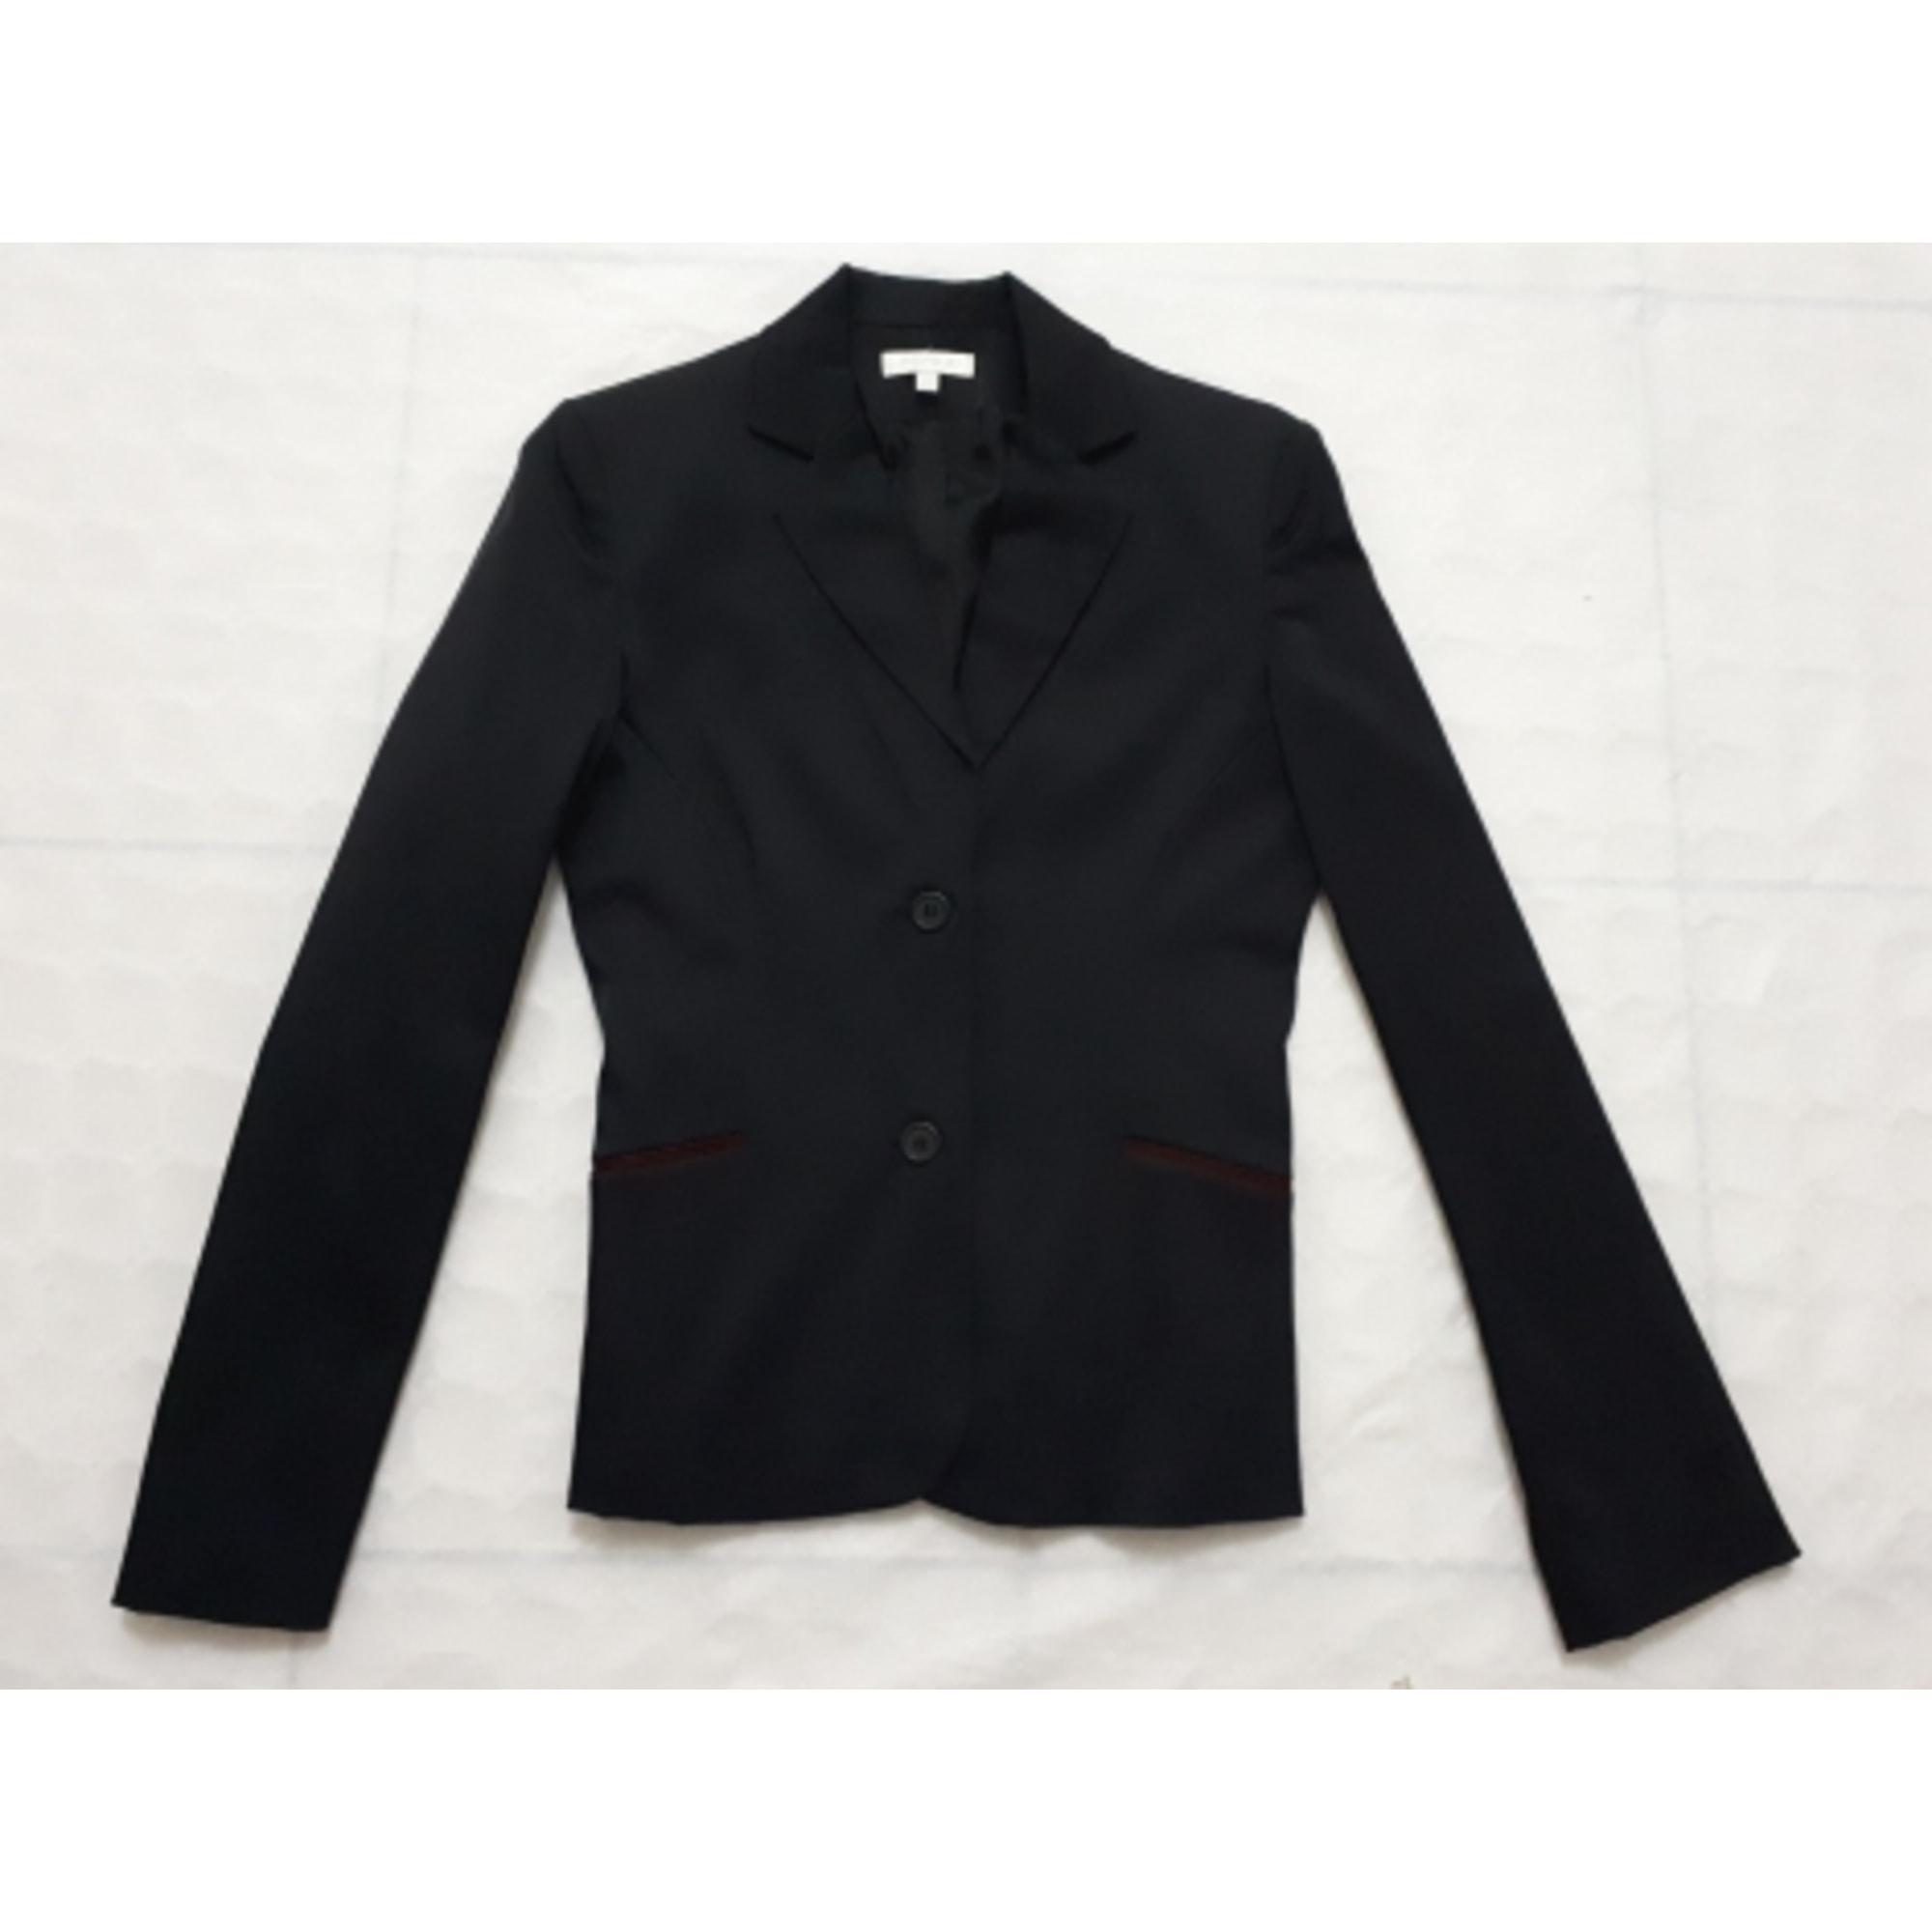 Blazer, veste tailleur KOOKAI 36 (S, T1) noir - 7305935 233176e925bc